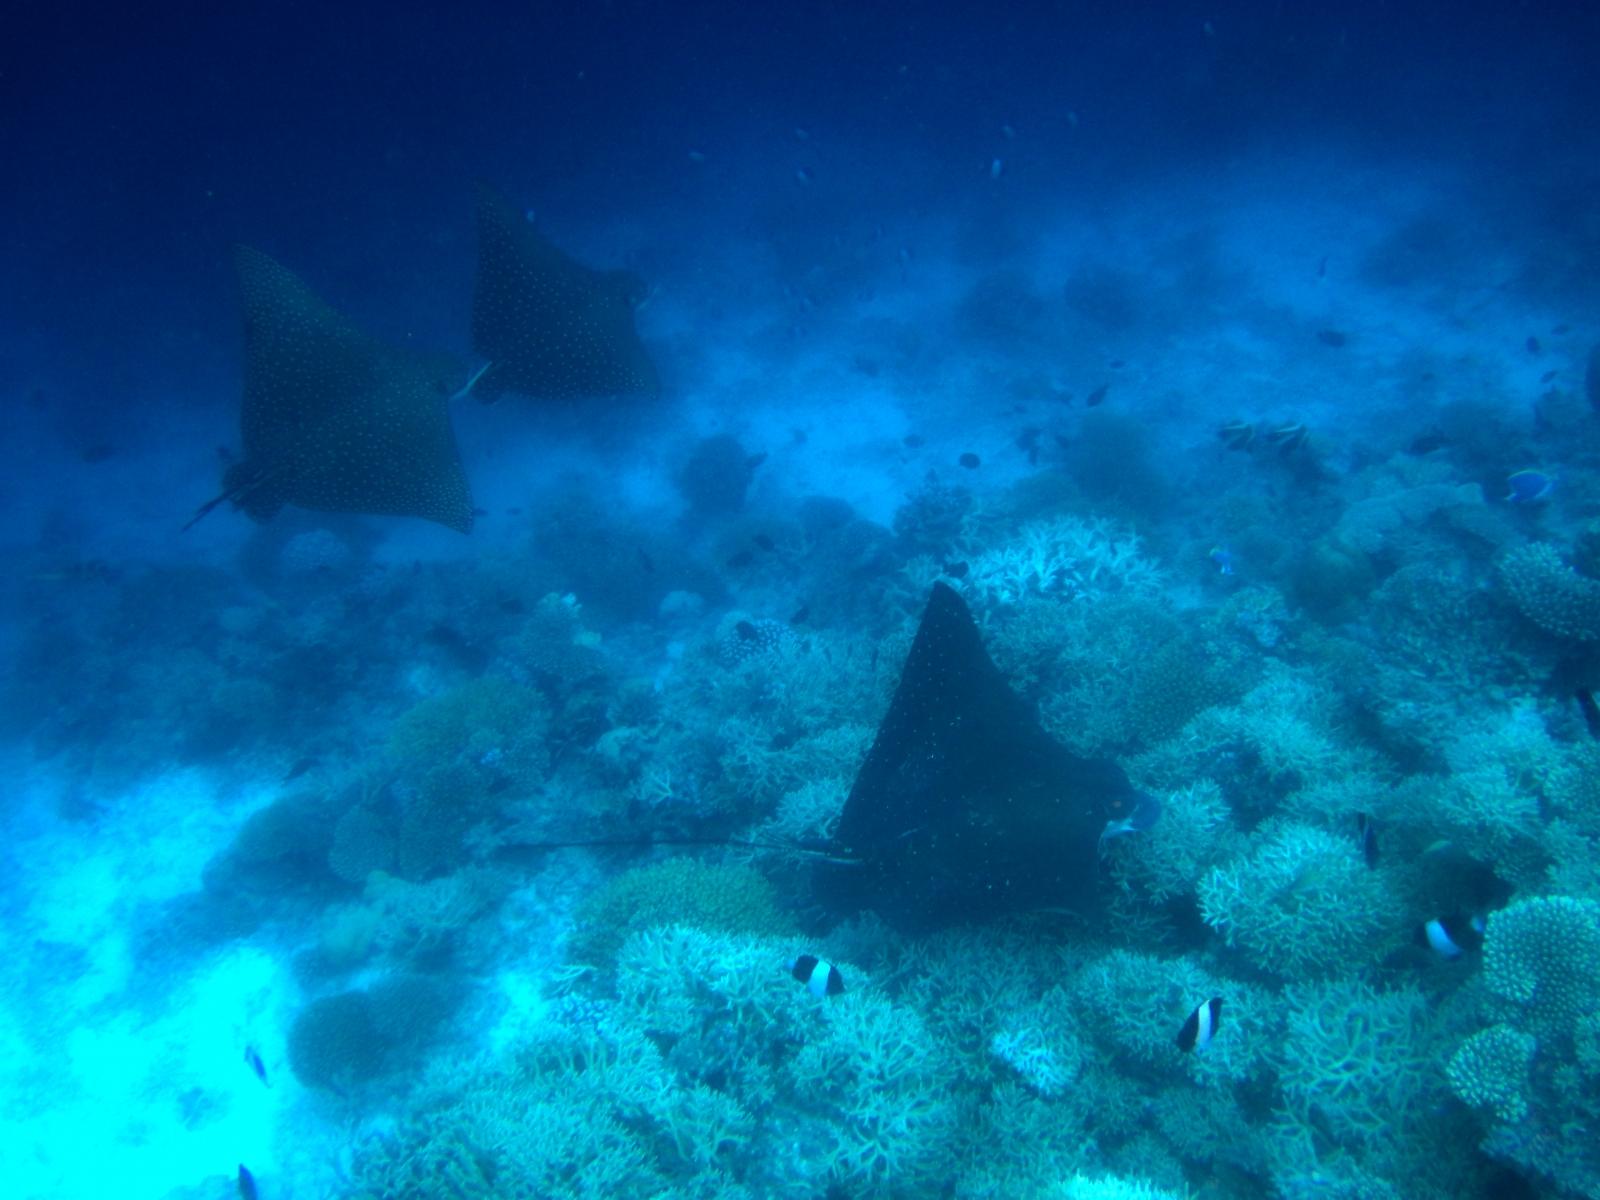 Aetobatus_narinari_003_C_Rajiformes_L_Maldivas_U_Sebas_29062015